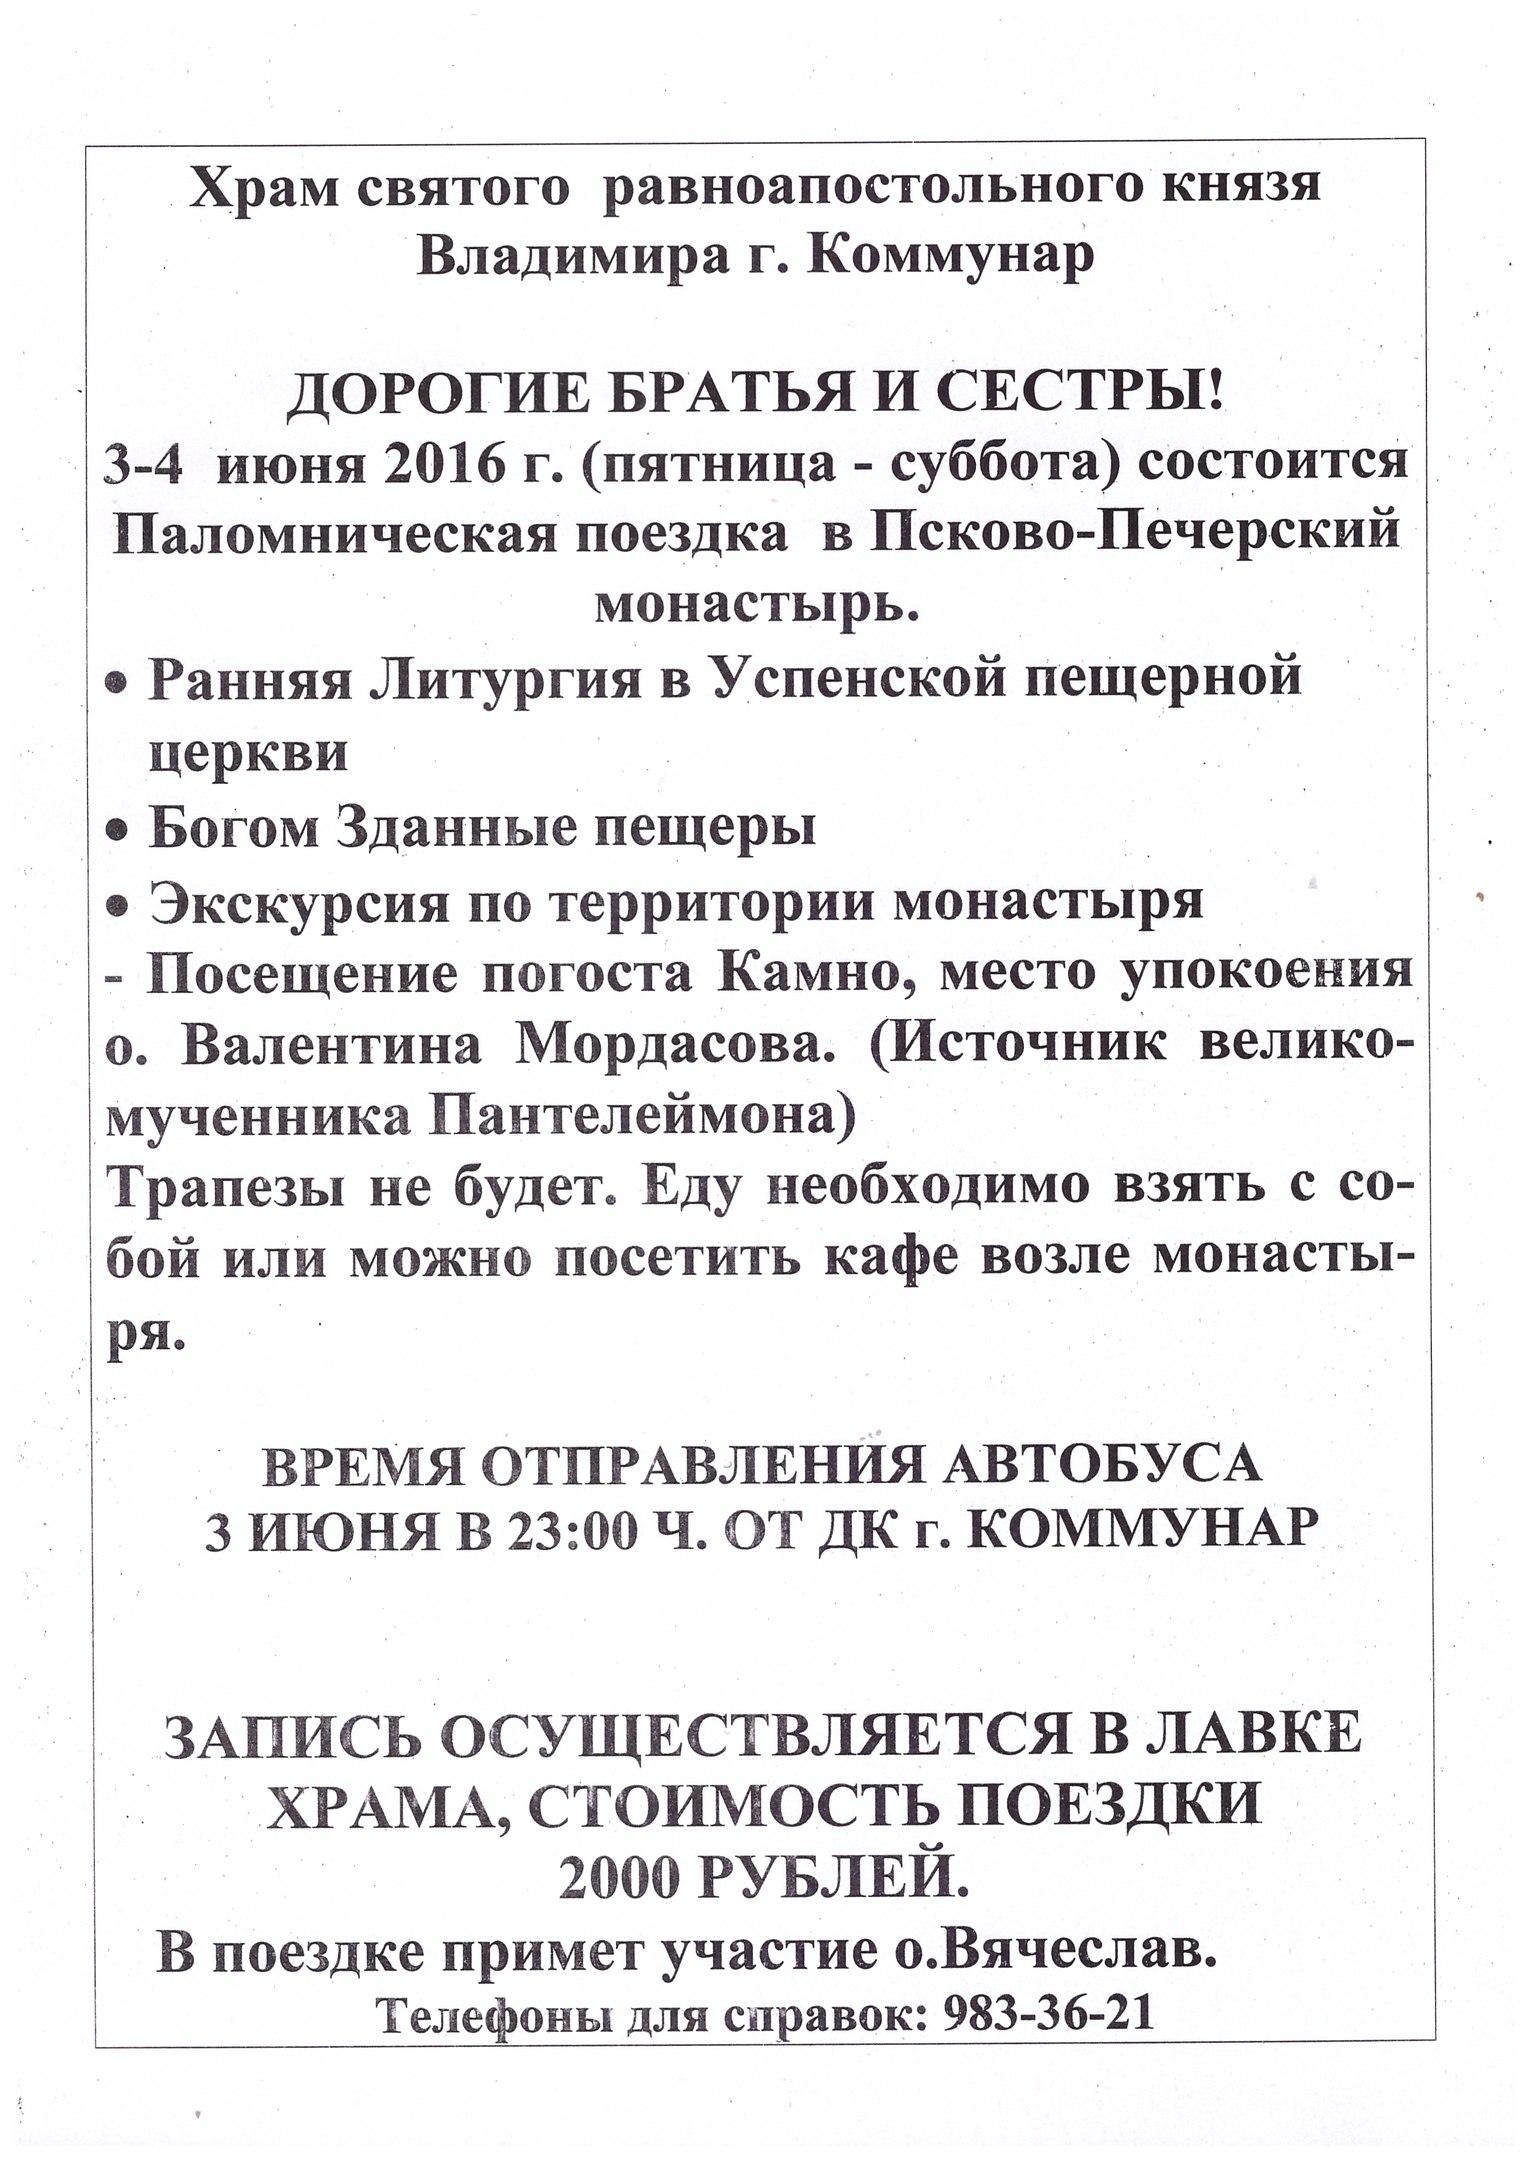 Поломническая поездка в Псково-Печерский монастырь